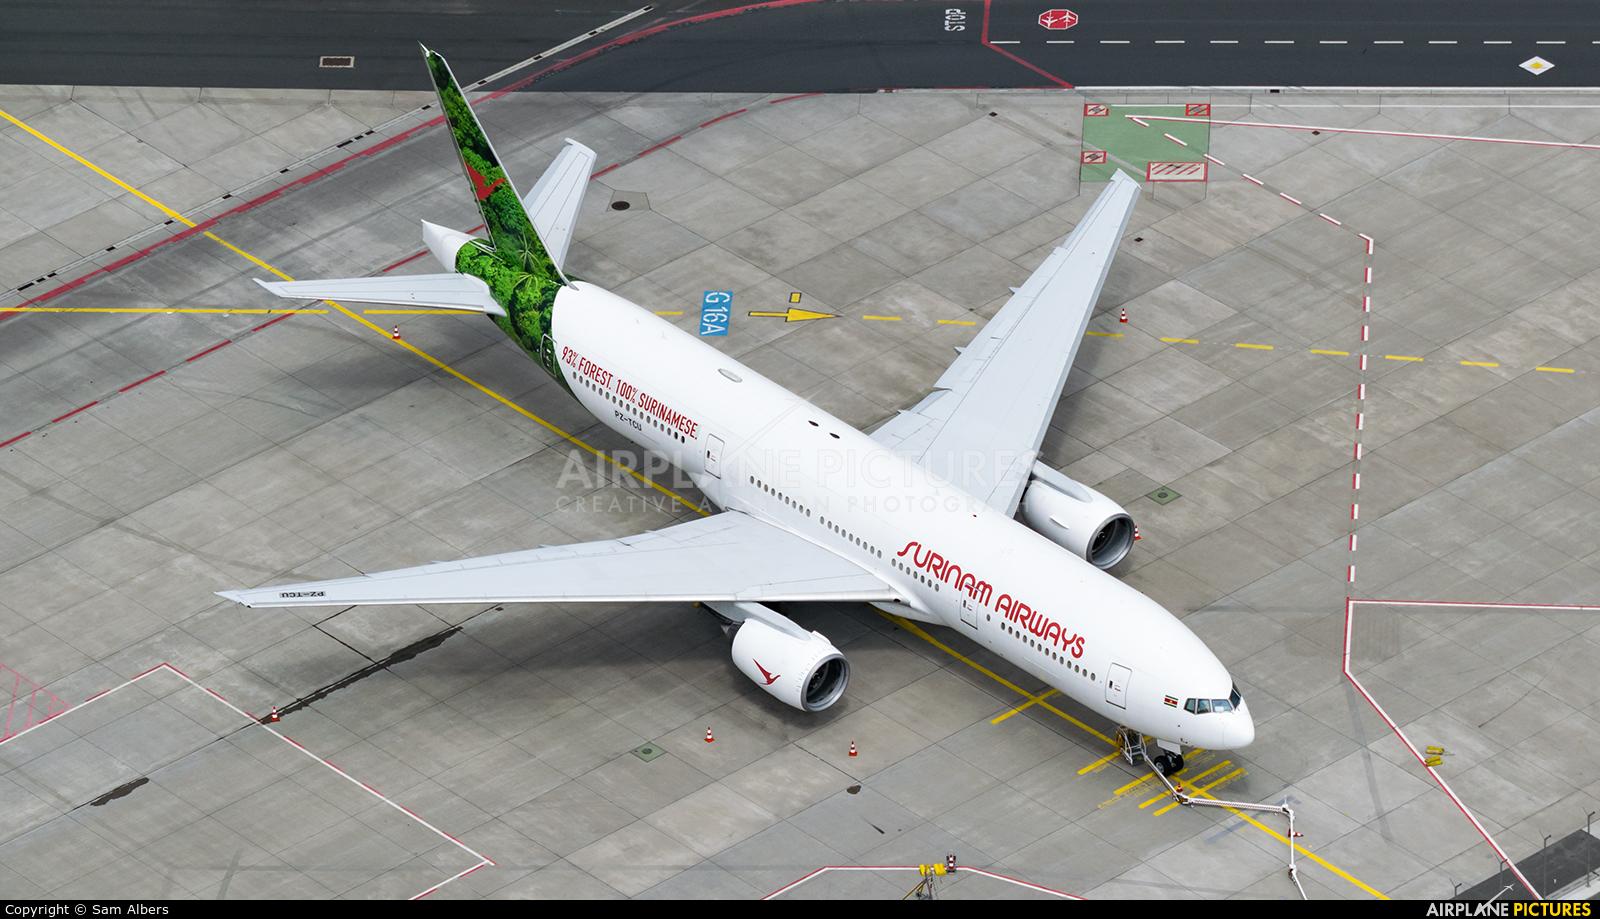 Surinam Airways PZ-TCU aircraft at Frankfurt